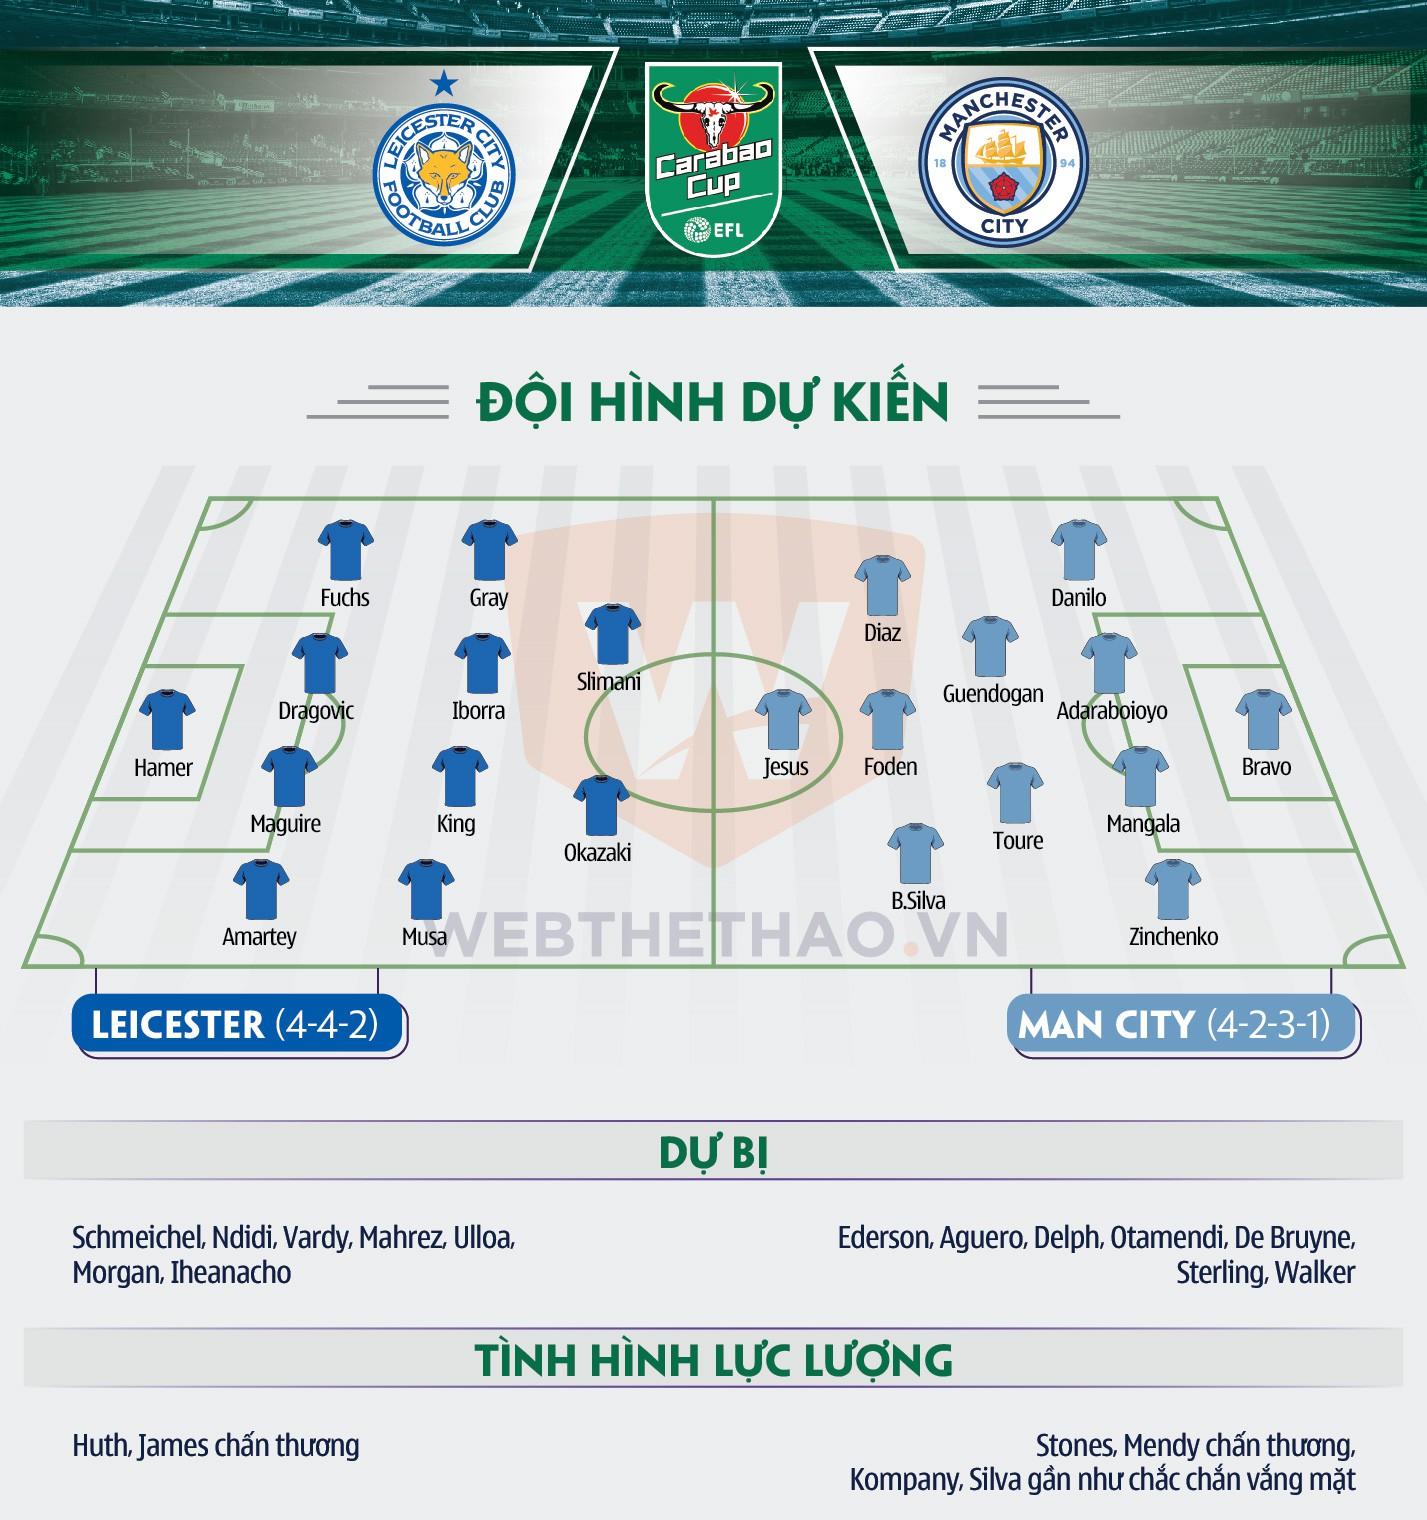 Hình ảnh: Thông tin đội hình Leicester - Man City